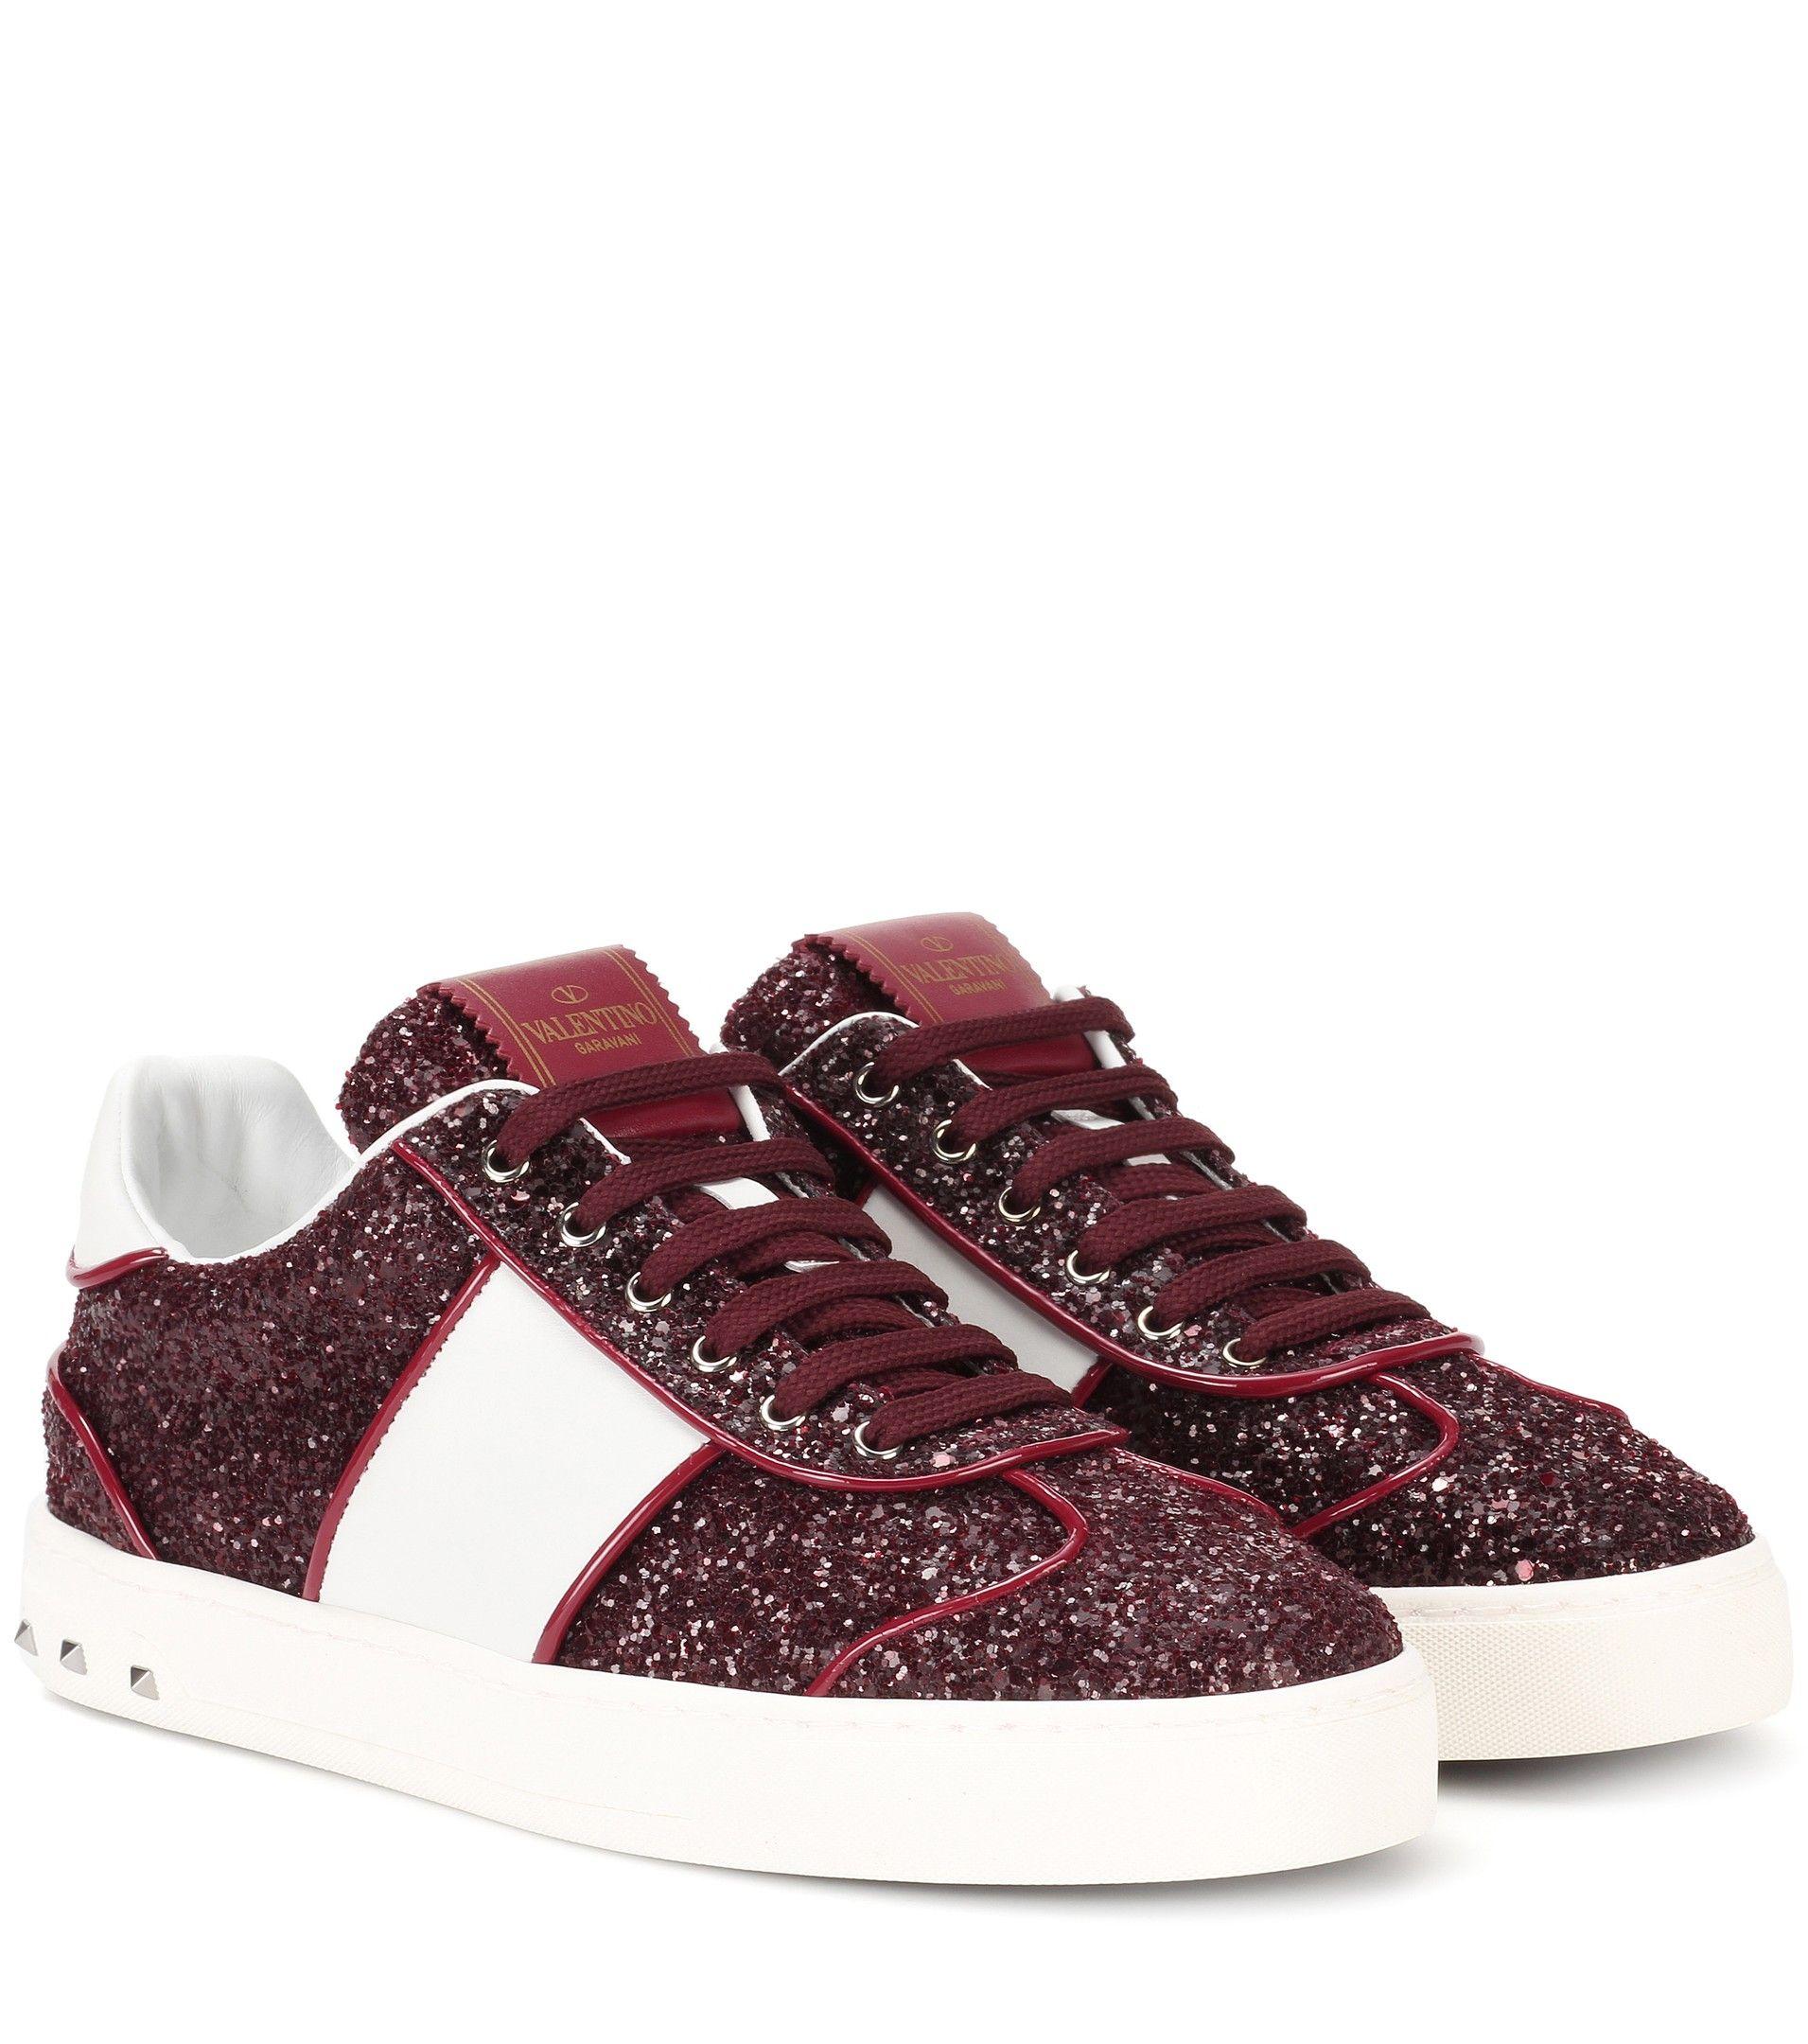 Glitter sneakers, Valentino